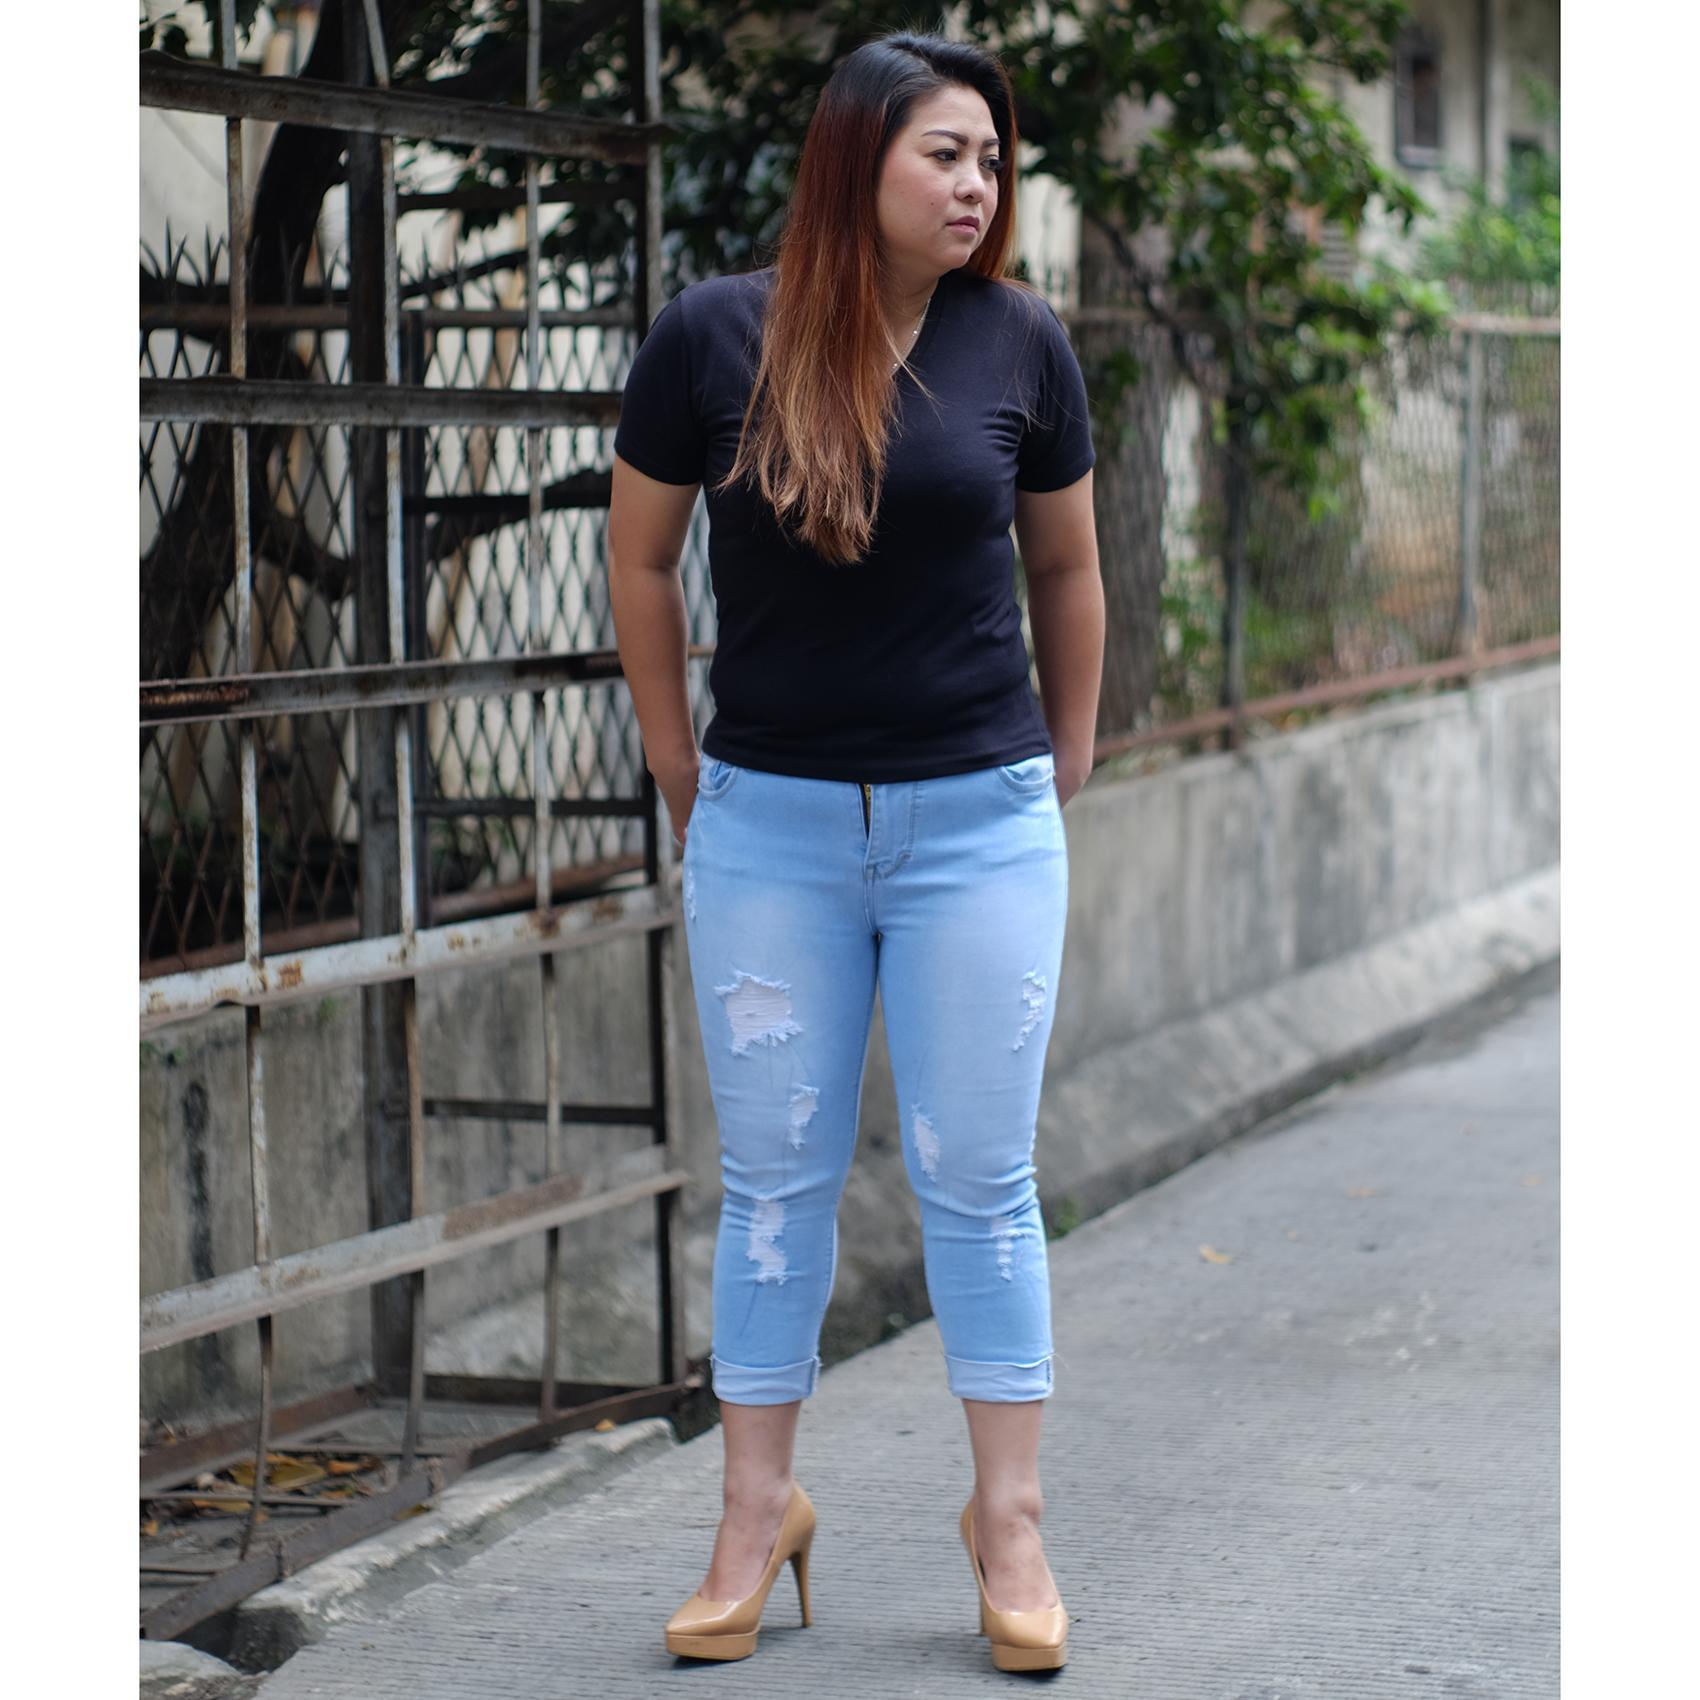 Rumah Jeans / Celana Jeans Jumbo Wanita / 7per9 Ripped Jumbo Y182 / Jeans Ripped Bigsize Cewek